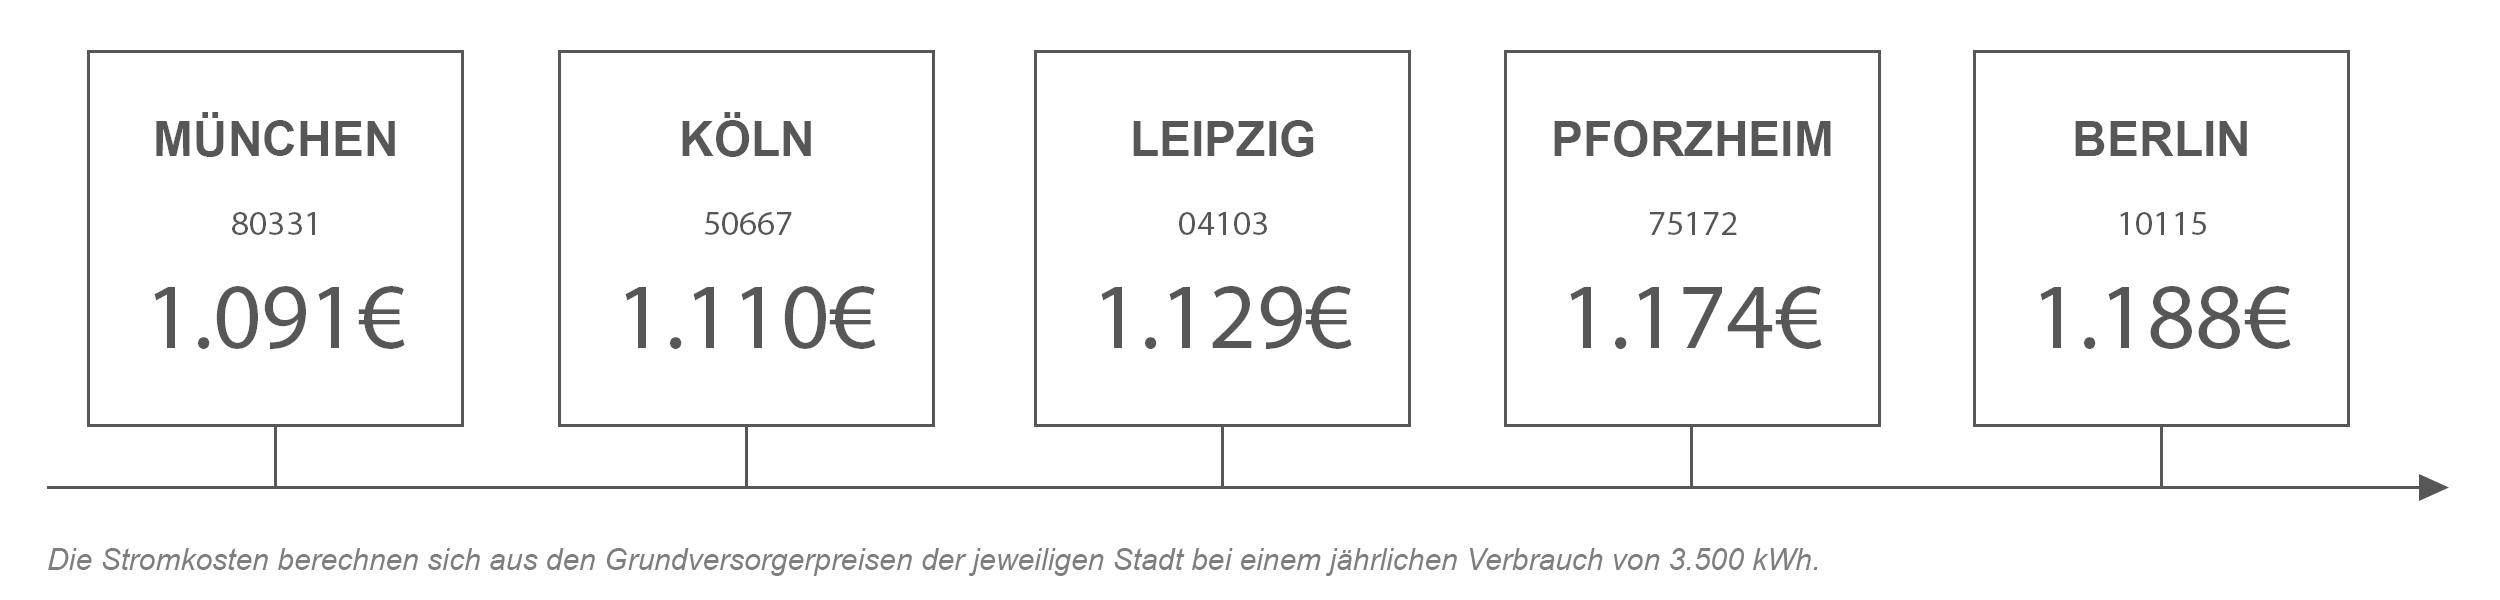 Strompreisvergleich von Pforzheim mit anderen Städten